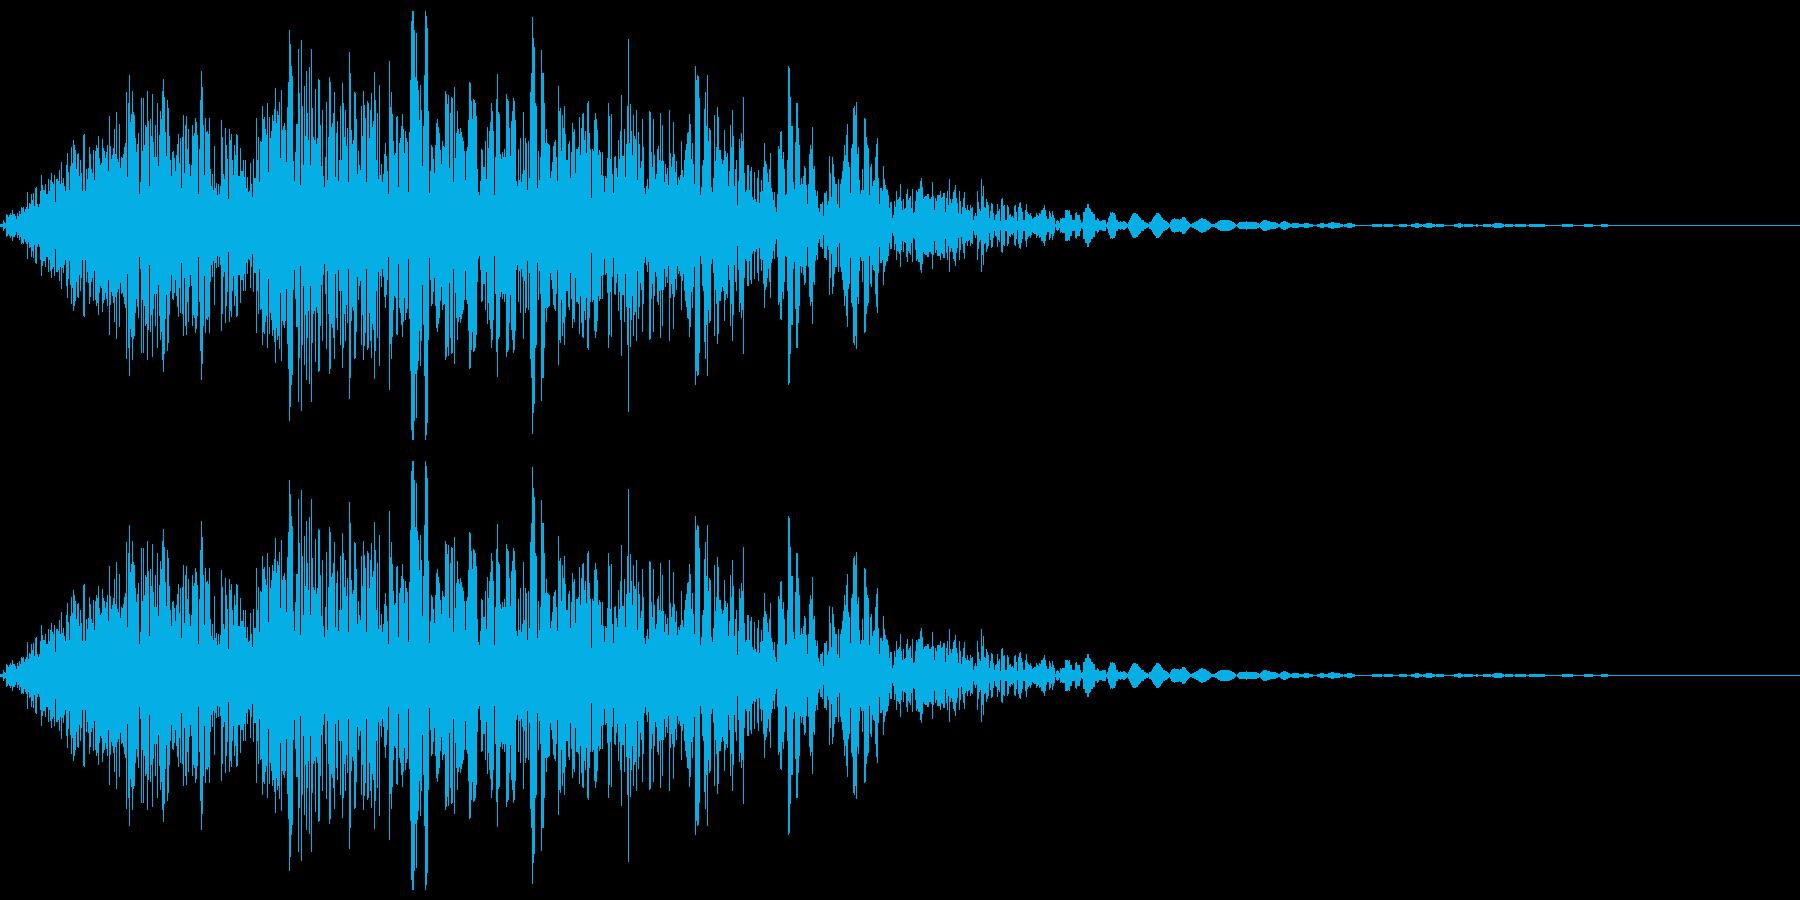 アニメ風メカの歩く音/メカの挙動音の再生済みの波形